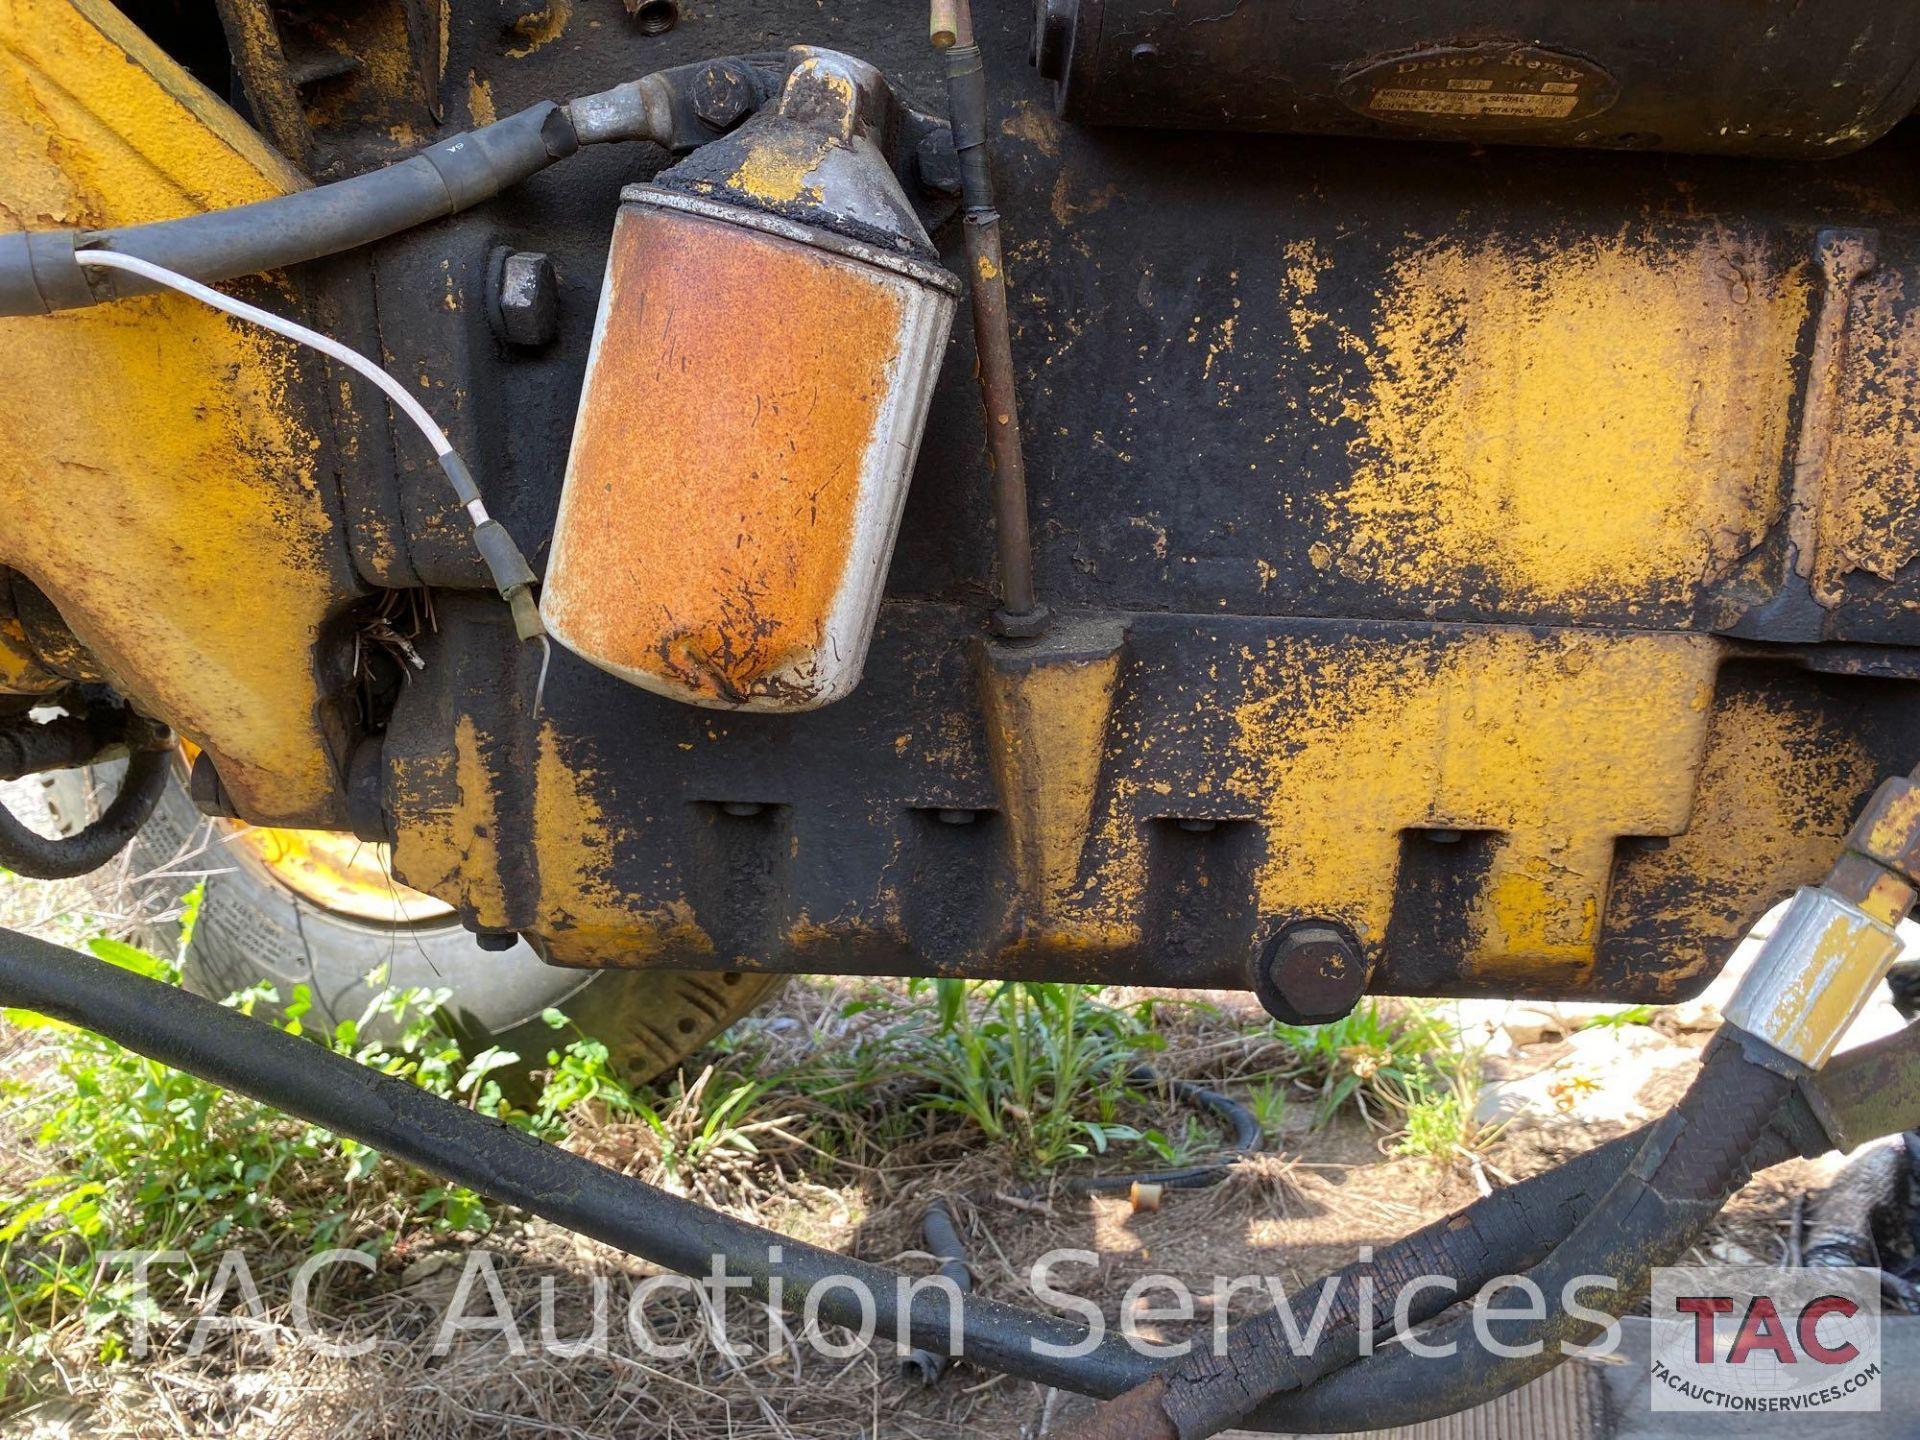 Massey Ferguson 50C Loader Backhoe - Image 37 of 45